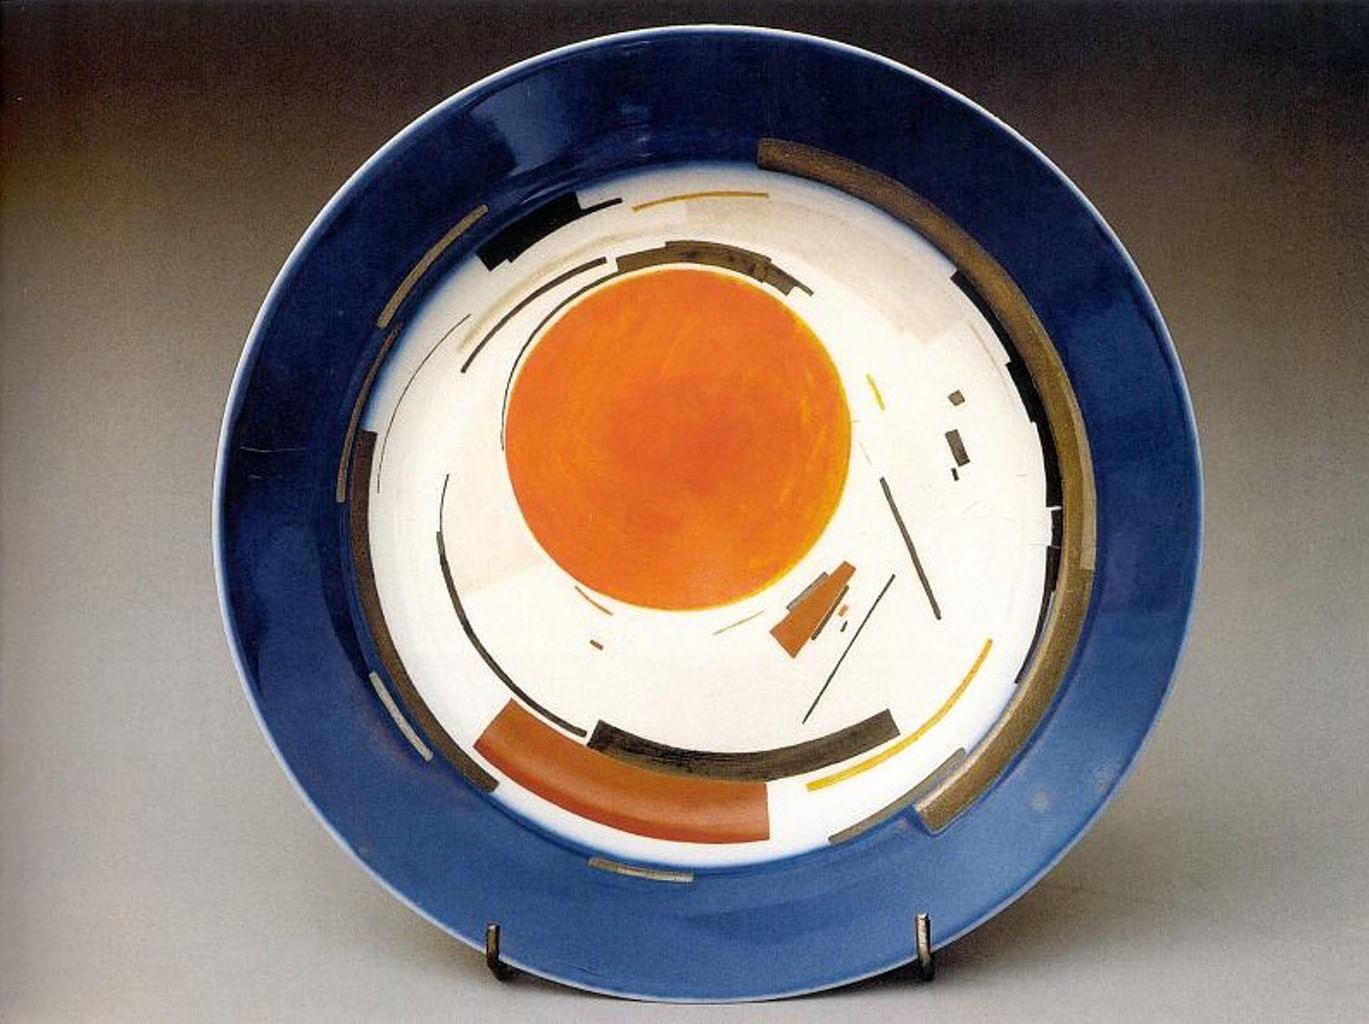 Выставки в Русском музее: «Искусство в жизнь. 1918-1925» и «Мечты о мировом расцвете»